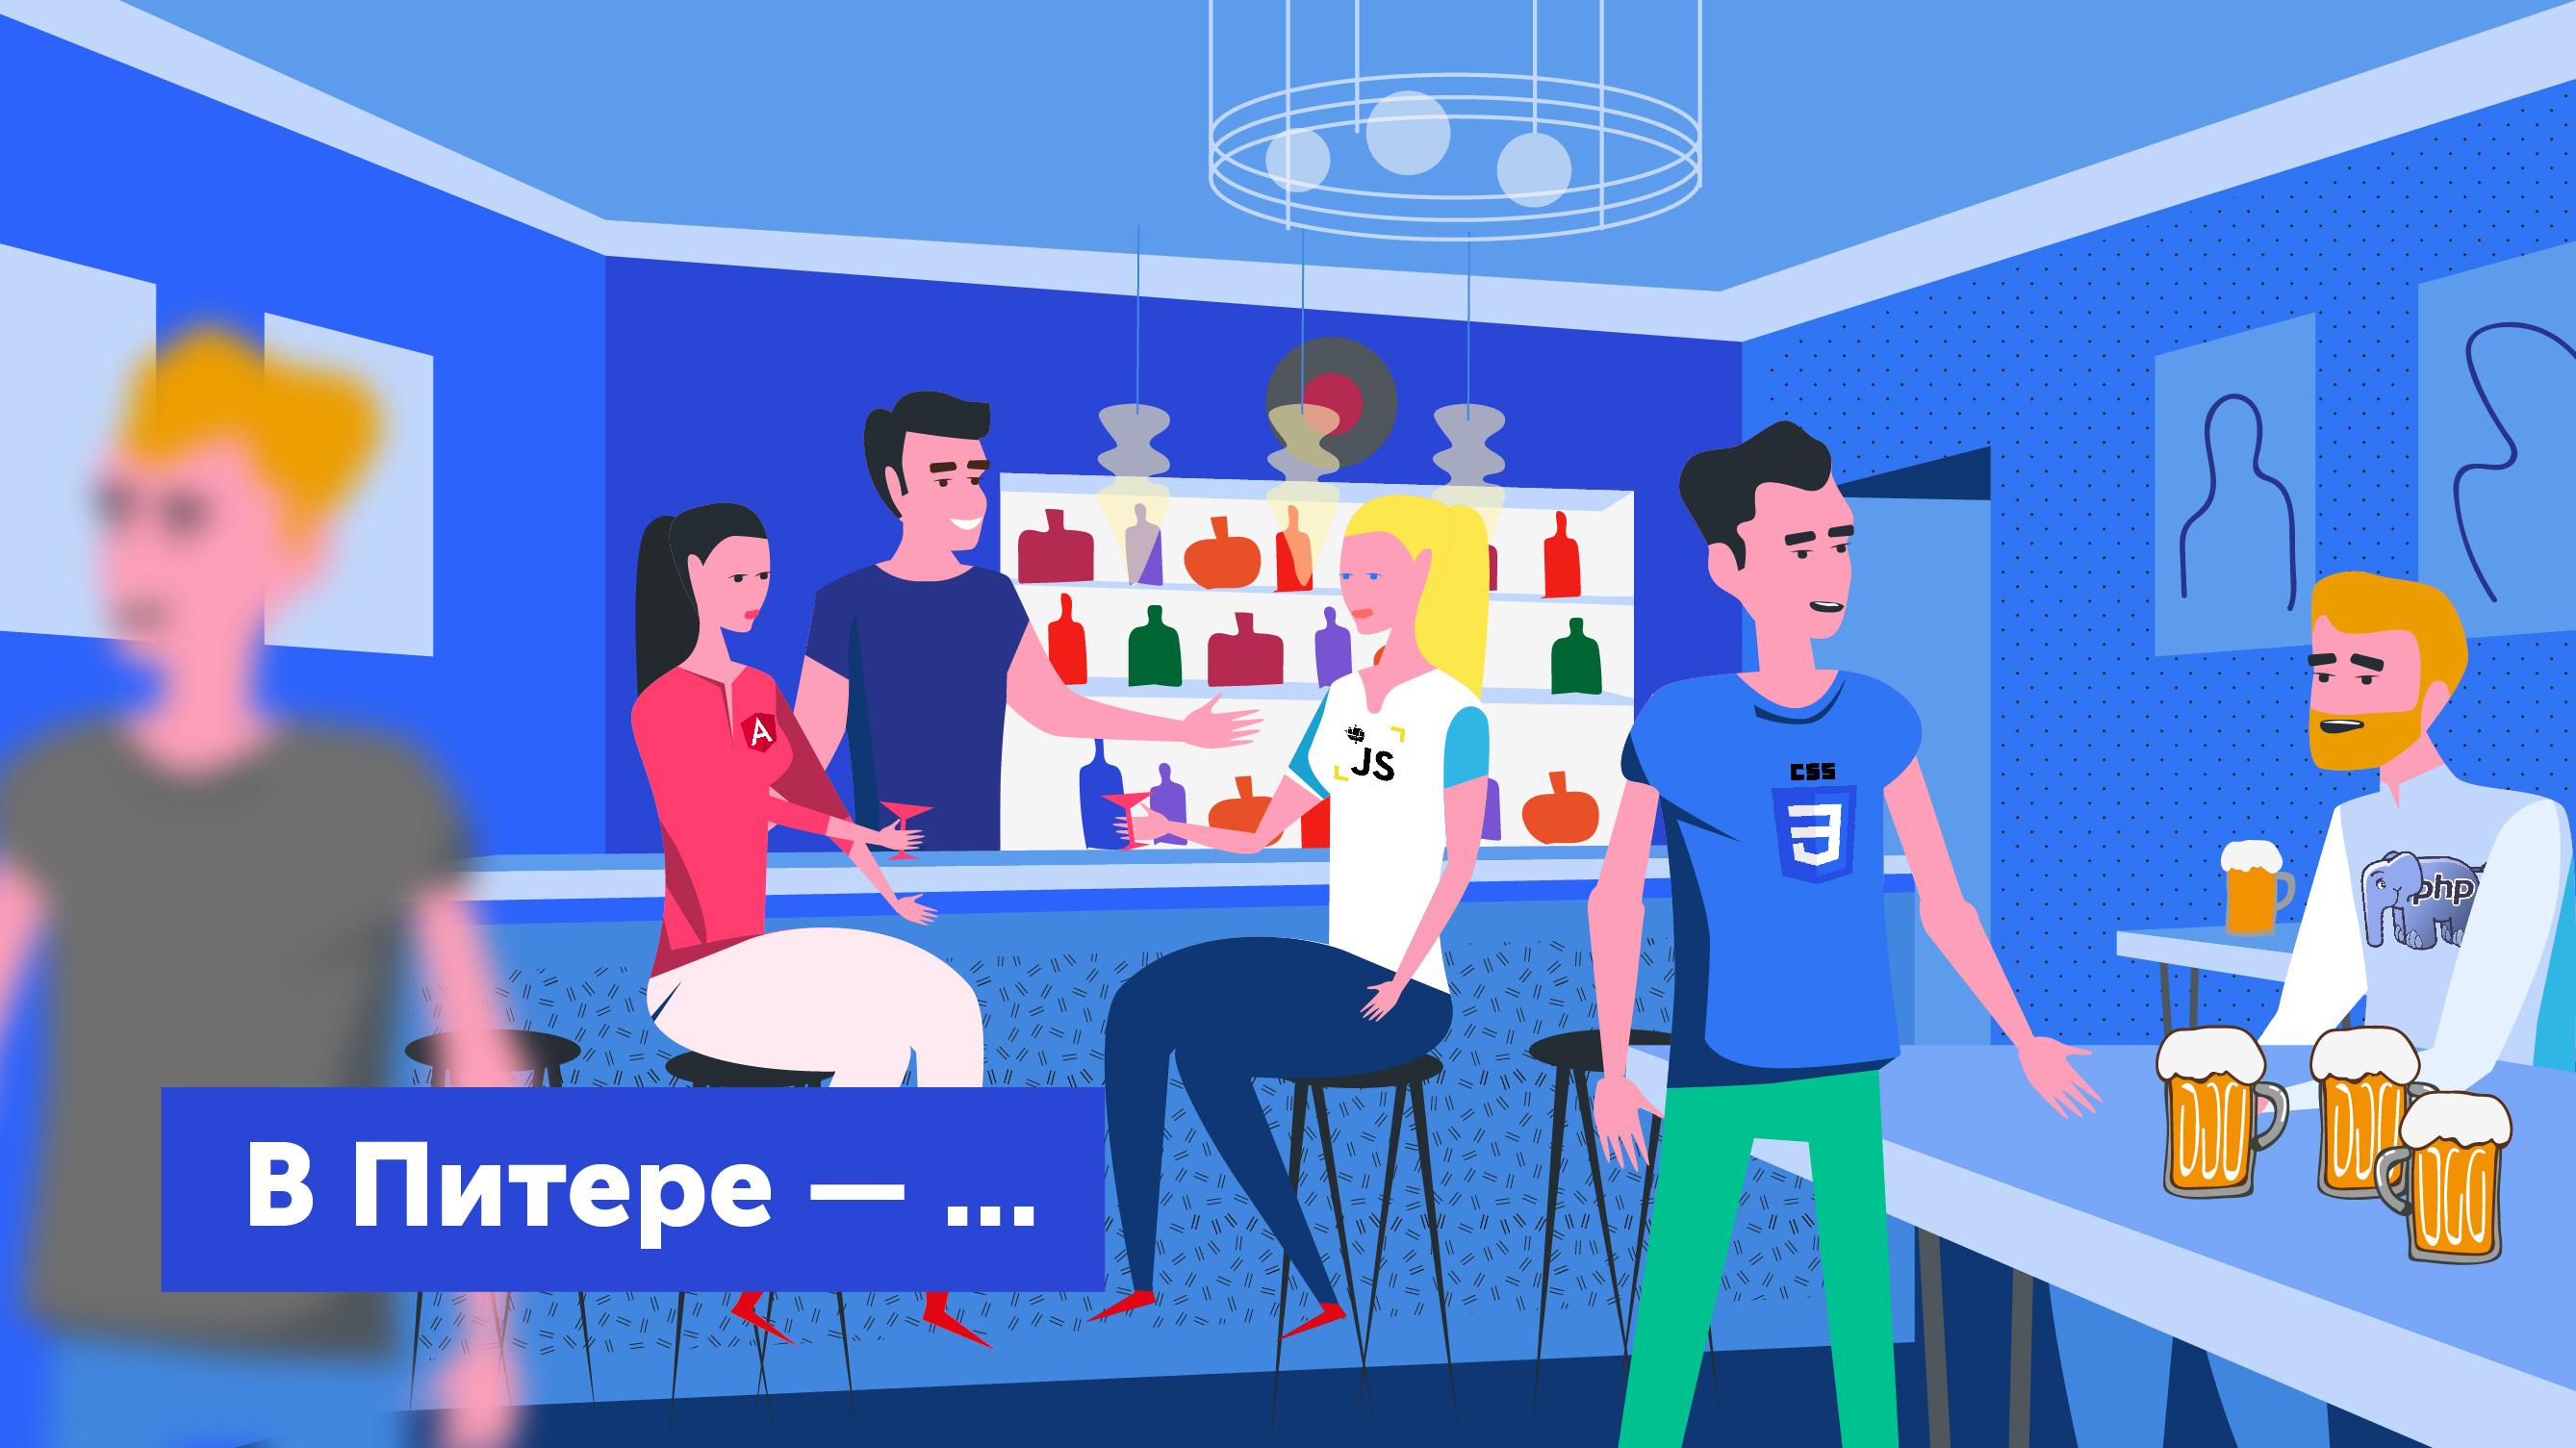 Как разработчик открыл бар для разработчиков в Питере и стал хостить там встречи по Angular, верстке и PHP